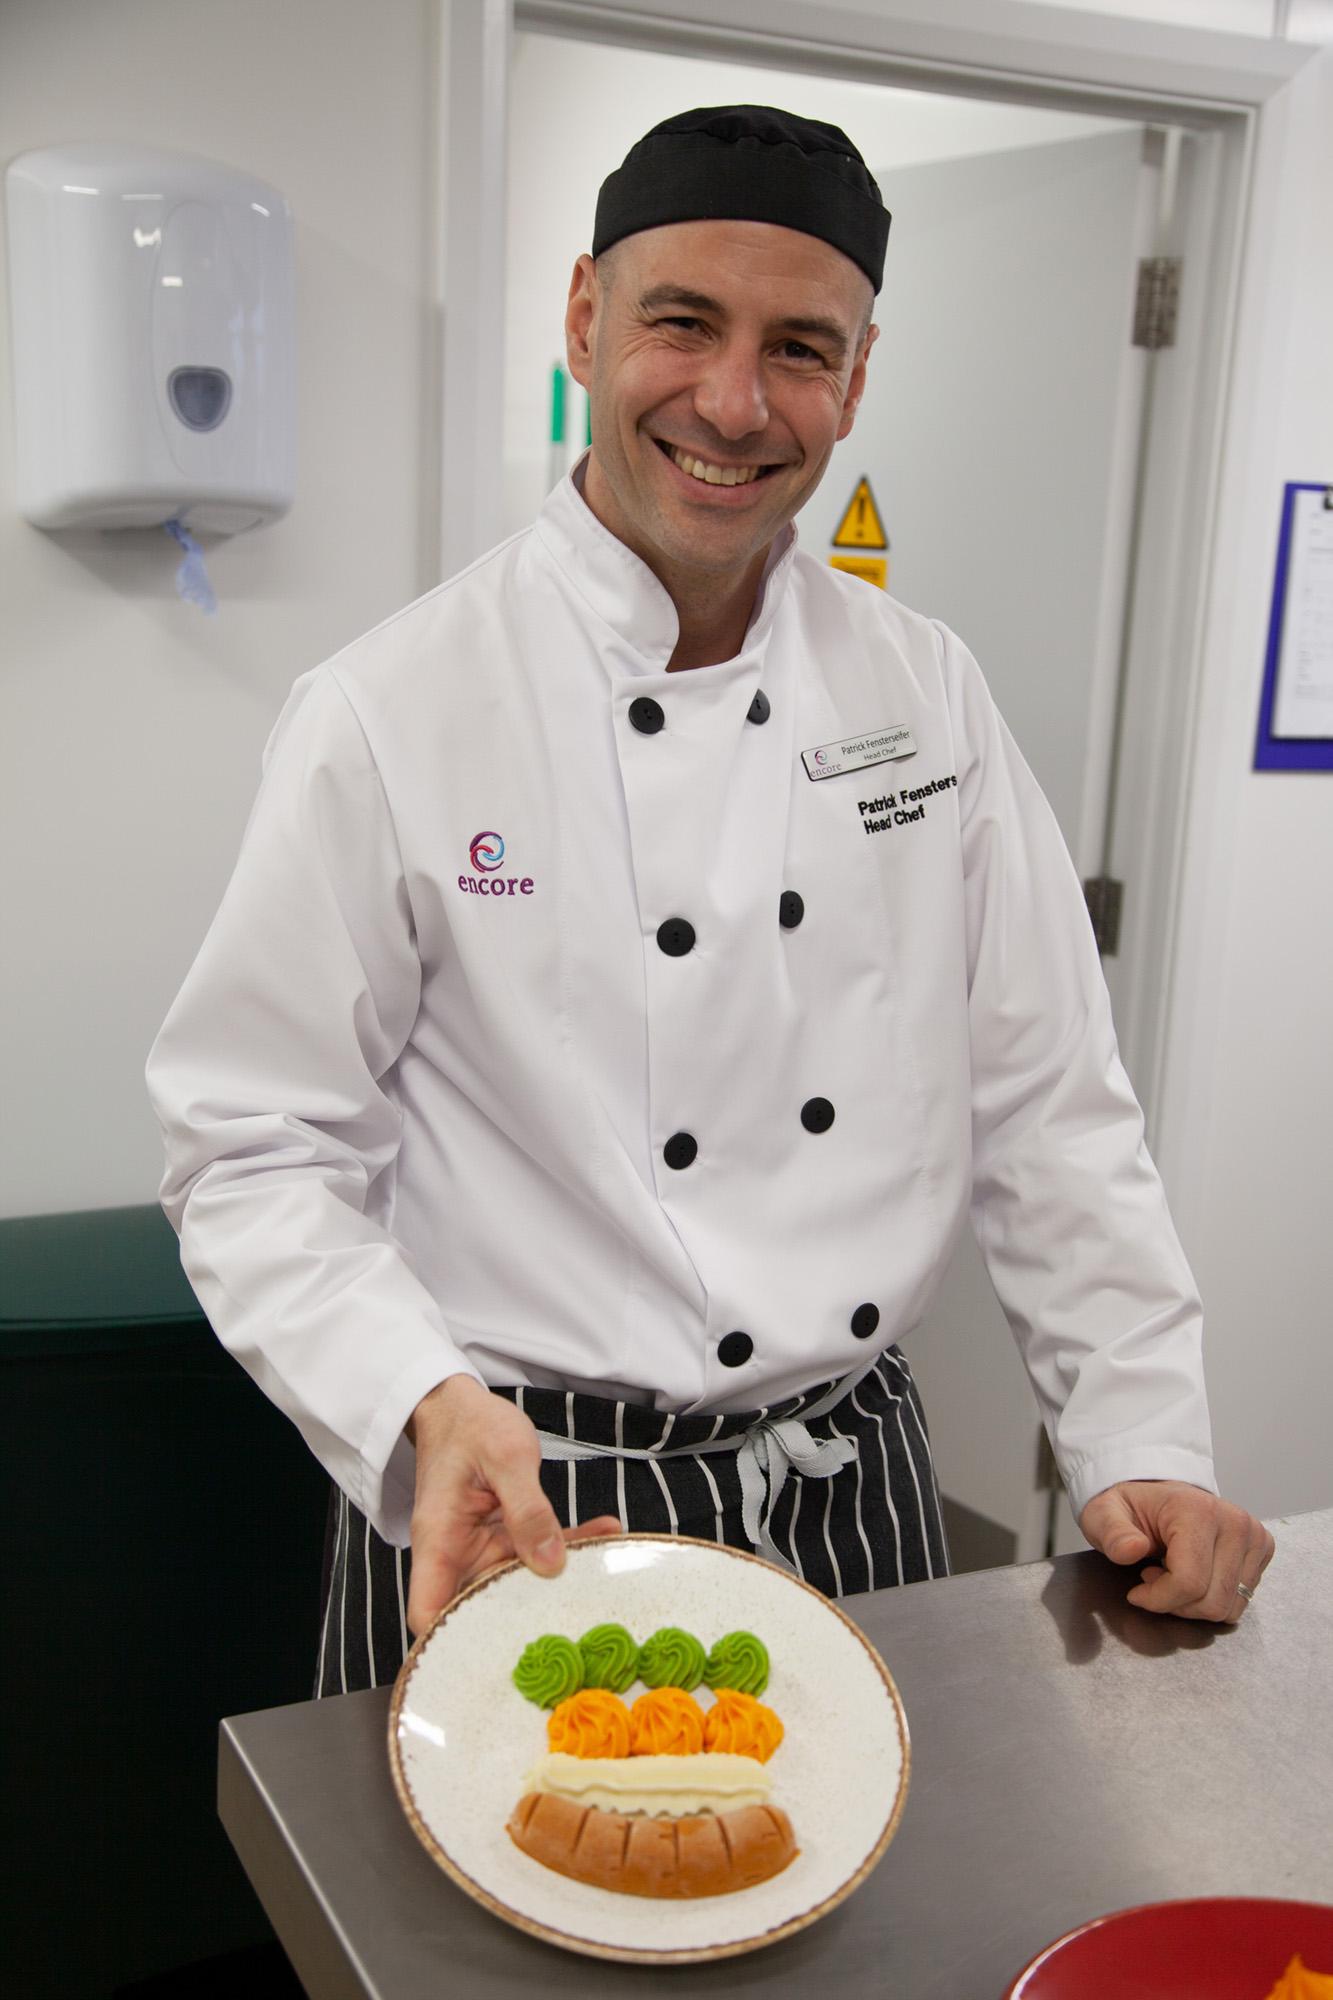 Patrick Fensterseifer - Head Chef of Great Oaks